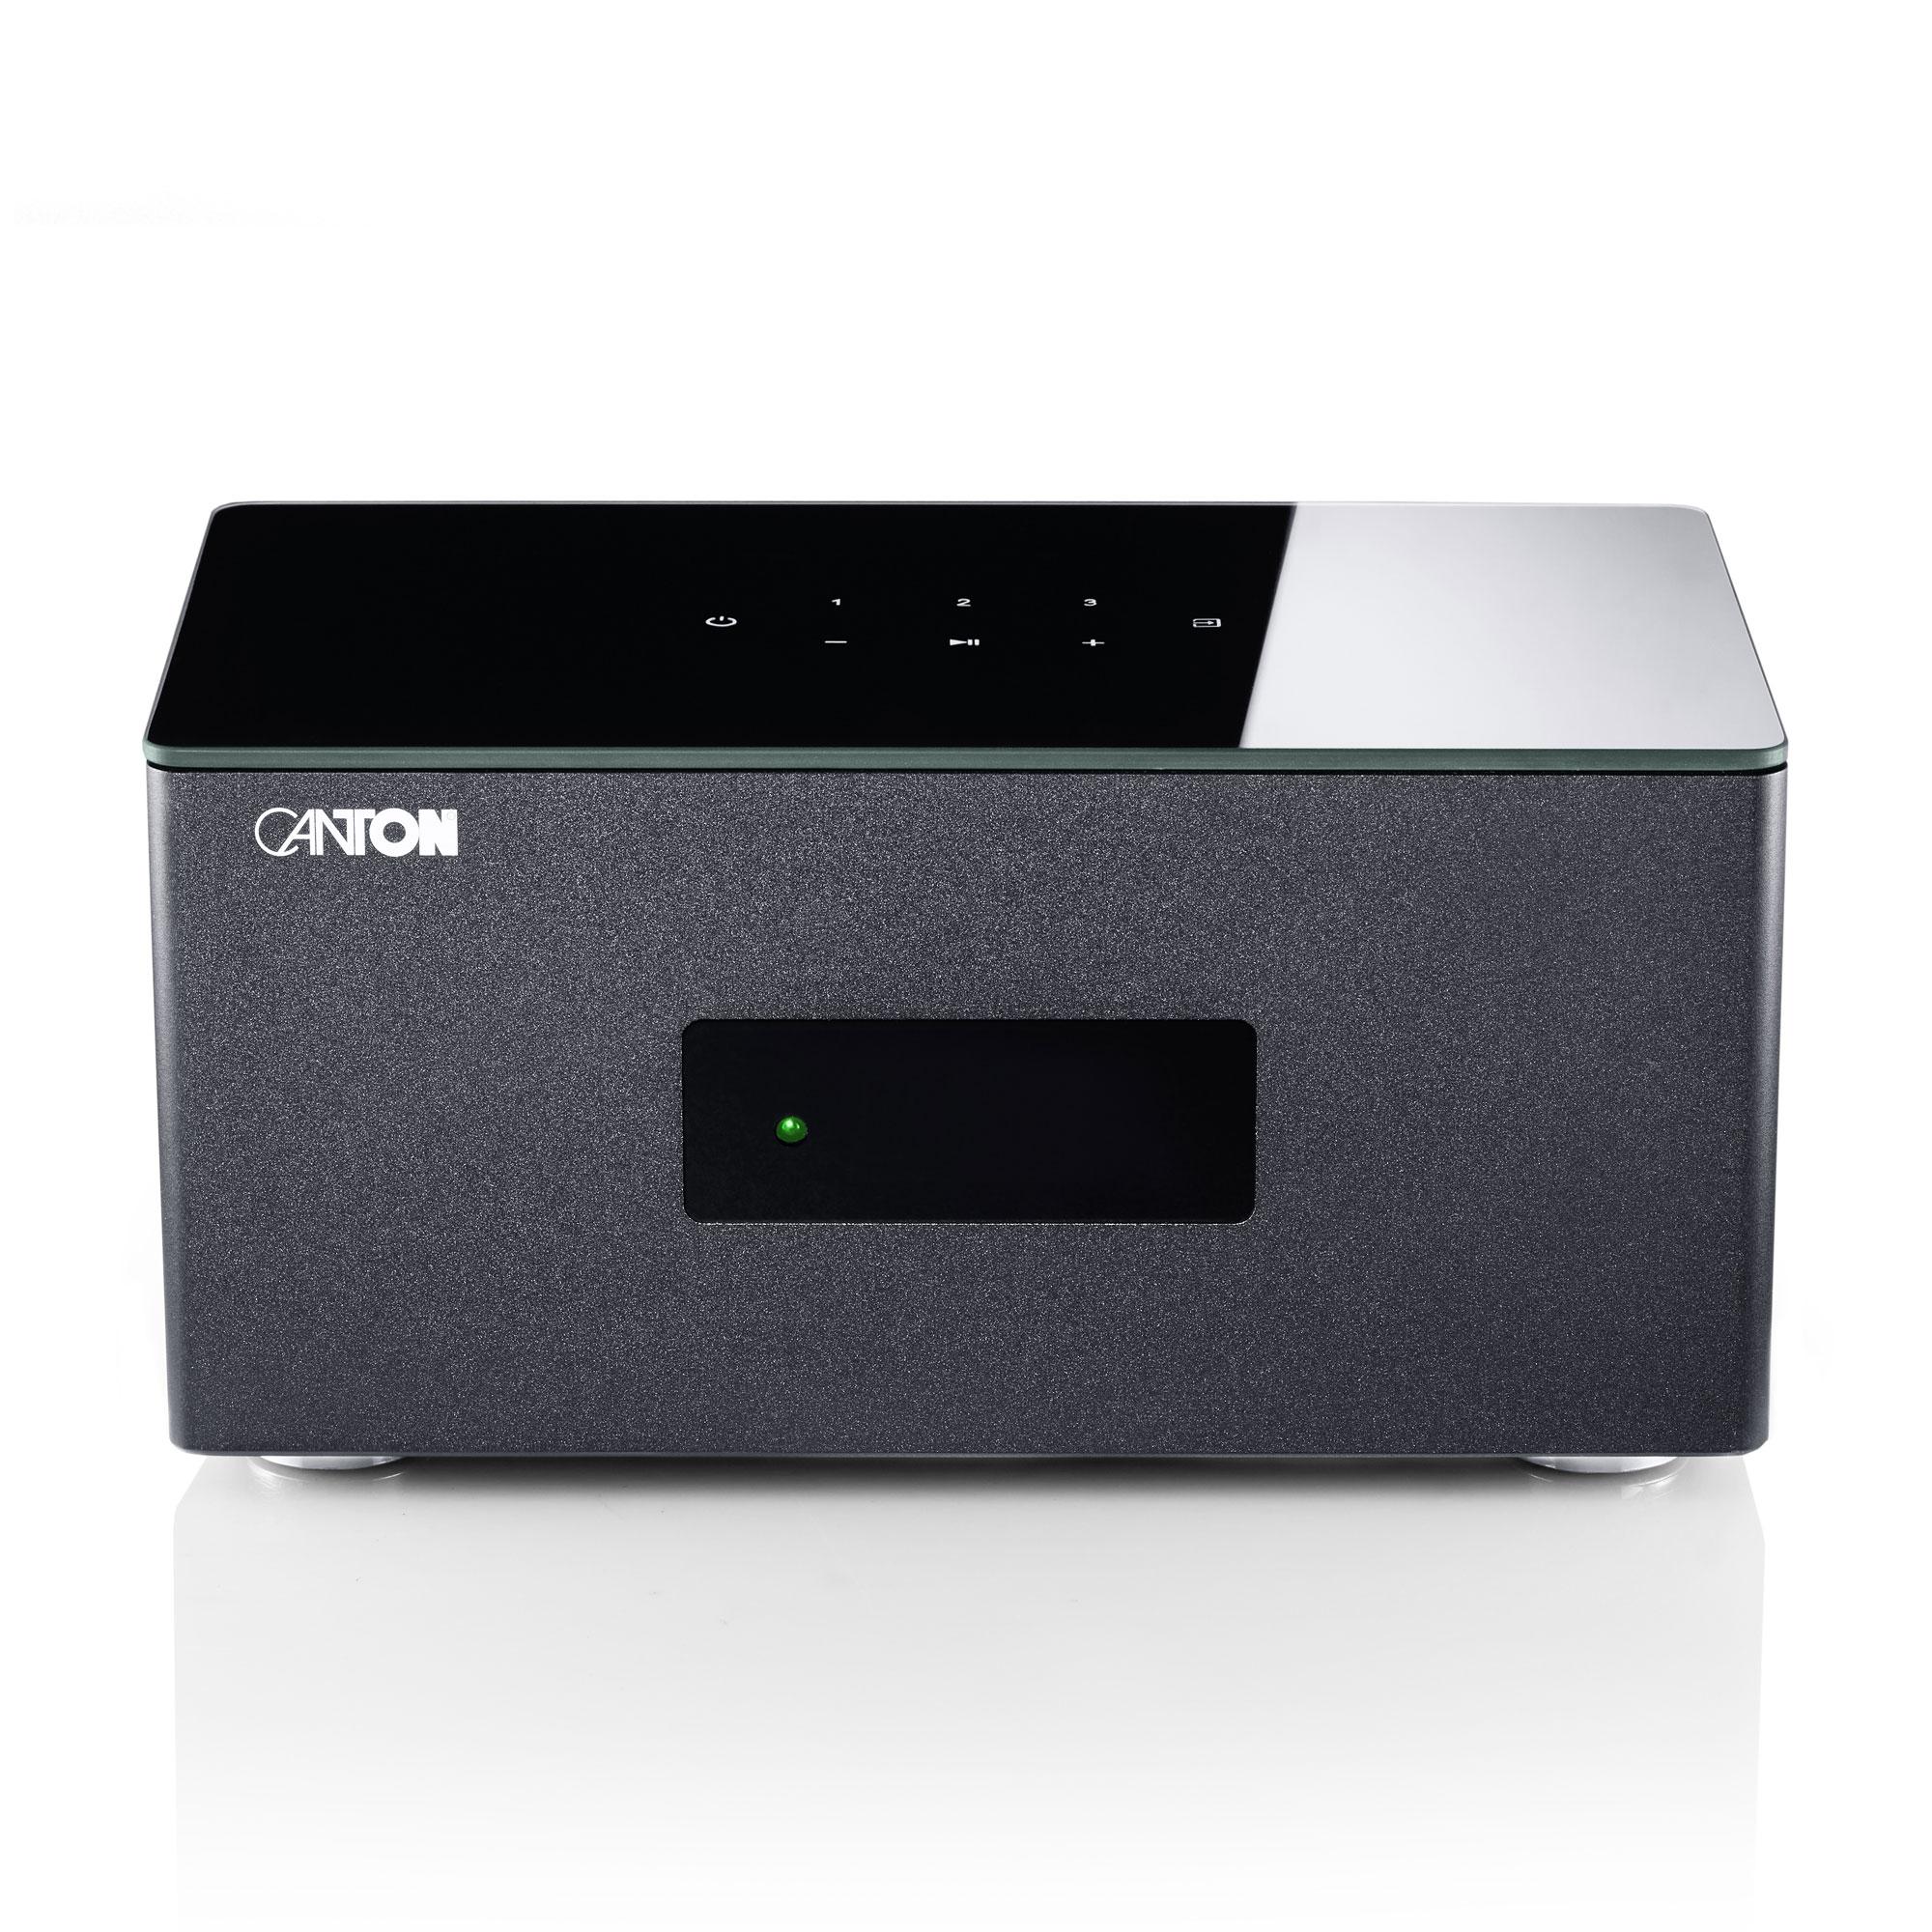 Canton Smart Amp 5.1 Stück Wireless AV-Verstärker 103149